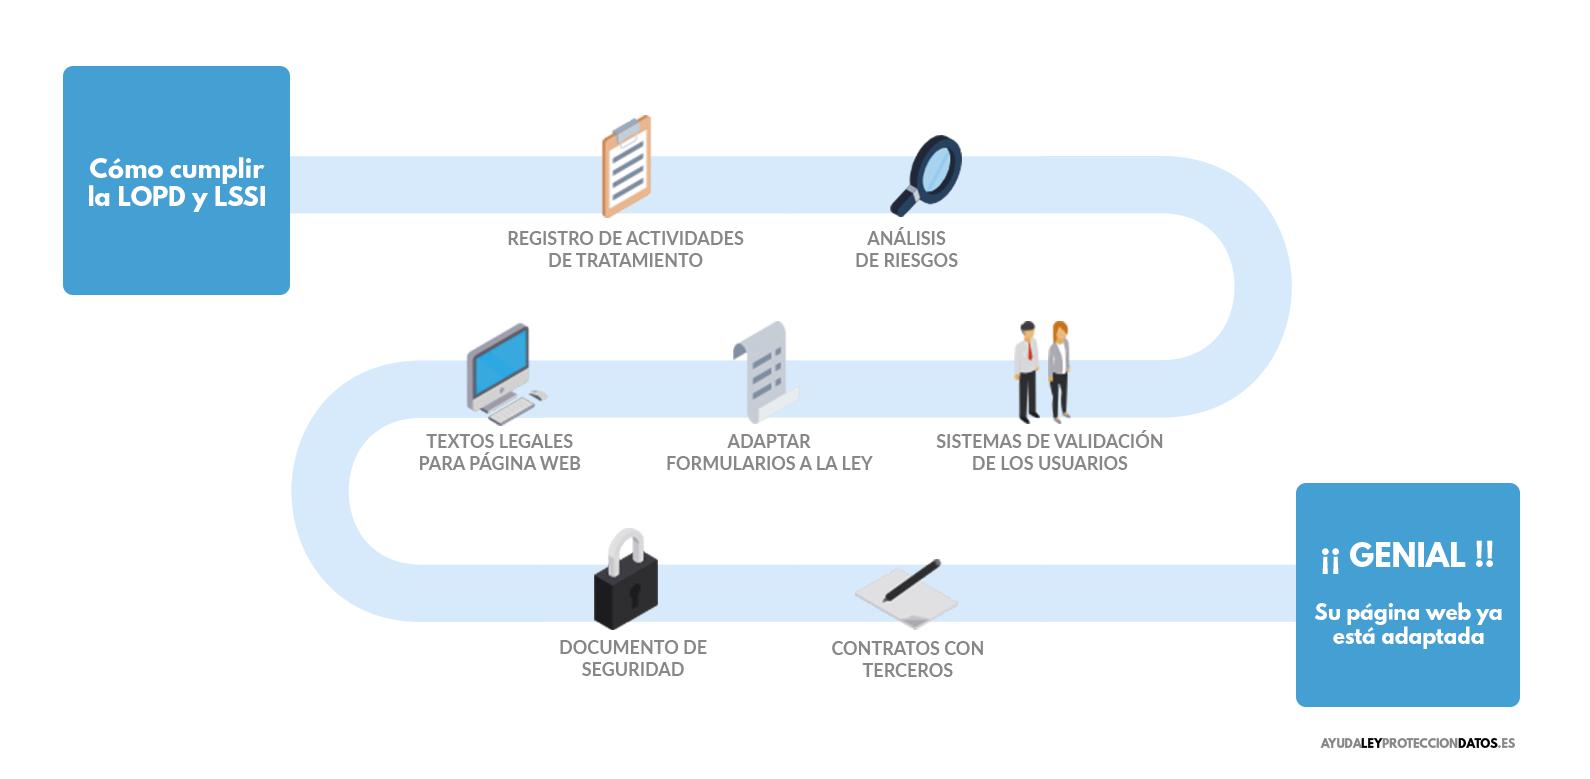 como cumplir la ley de proteccion de datos y la ley de servicios de la sociedad de la informacion en las paginas web